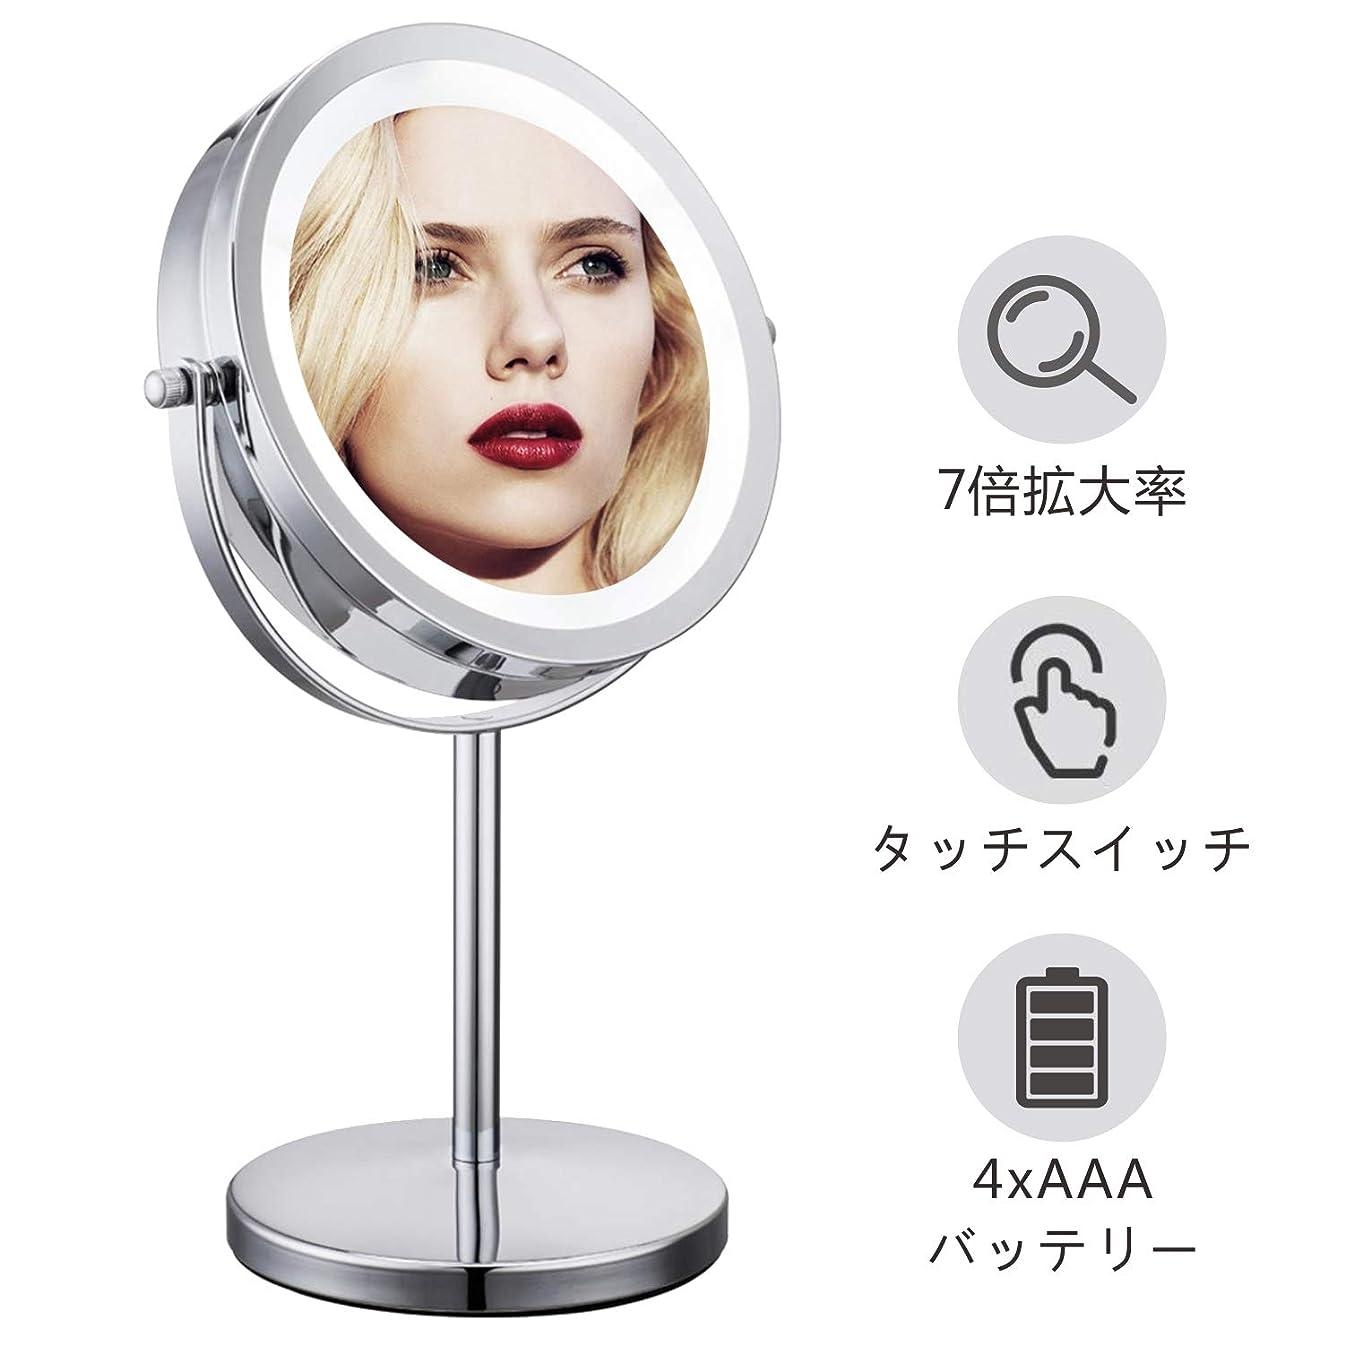 吐く分析する受信機Minracler 化粧鏡 7倍拡大 卓上 化粧ミラー led両面鏡 明るさ調節可能 360度回転 (鏡面155mmΦ) 電池給電